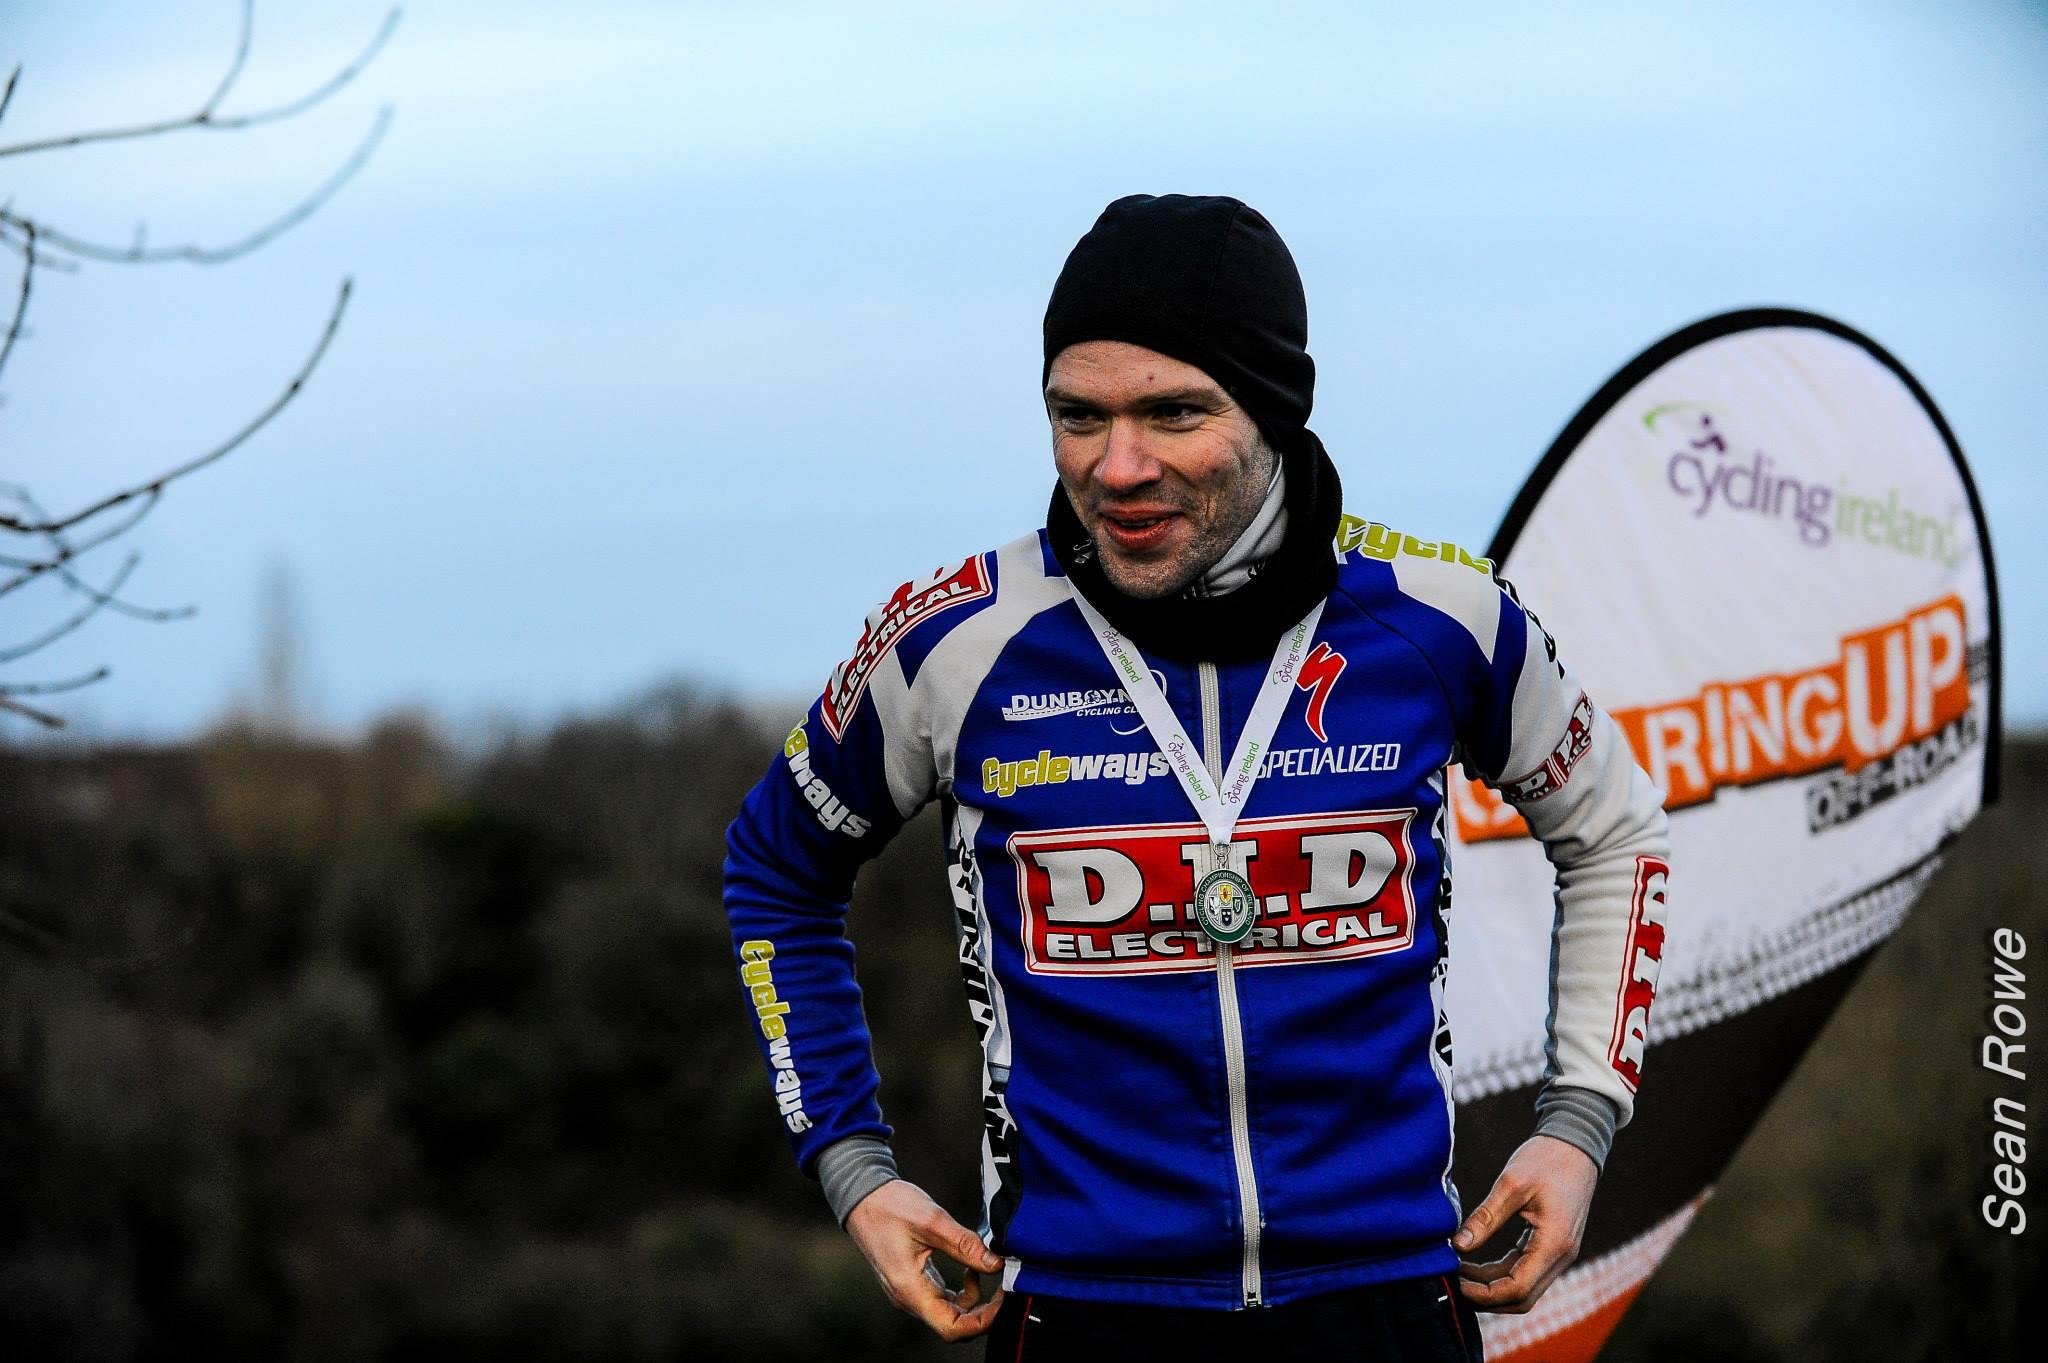 Tim O'Regan CX Champs9.jpg